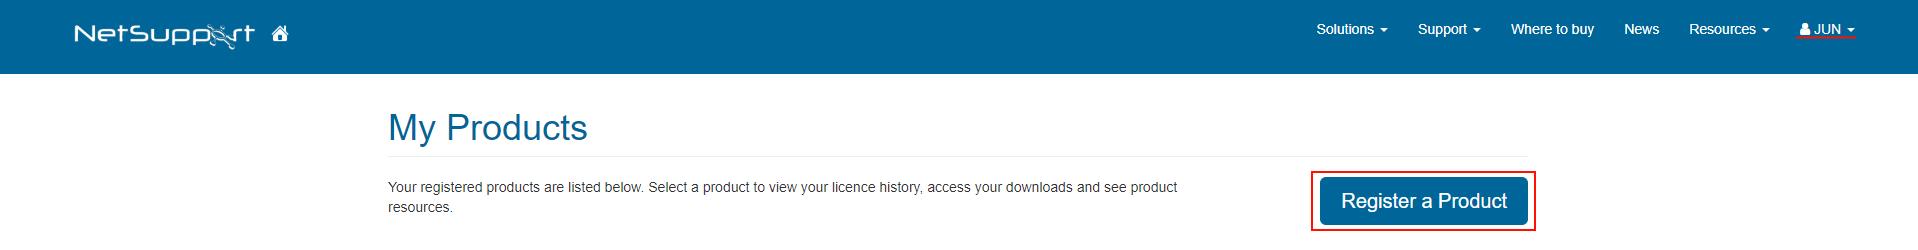 4.ご購入製品の登録 「Register」をクリックし、ページ内の各項目を入力して登録(Submit)します。